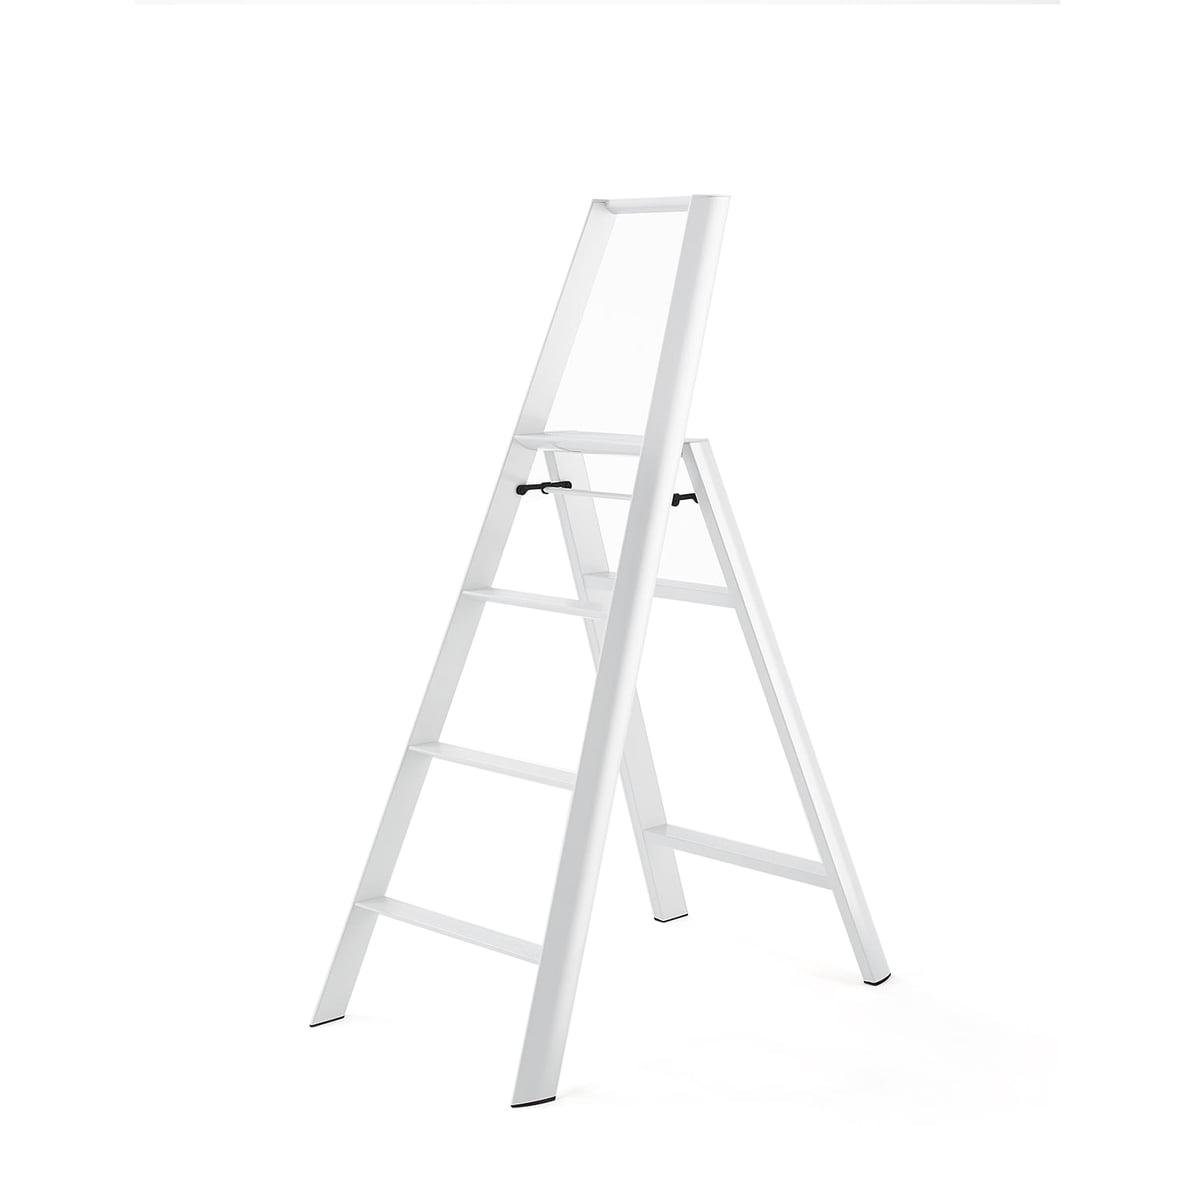 Metaphys - Lucano 4 Step Trittleiter, weiß | Baumarkt > Leitern und Treppen > Trittleiter | Weiß | Aluminium -  abs | Metaphys